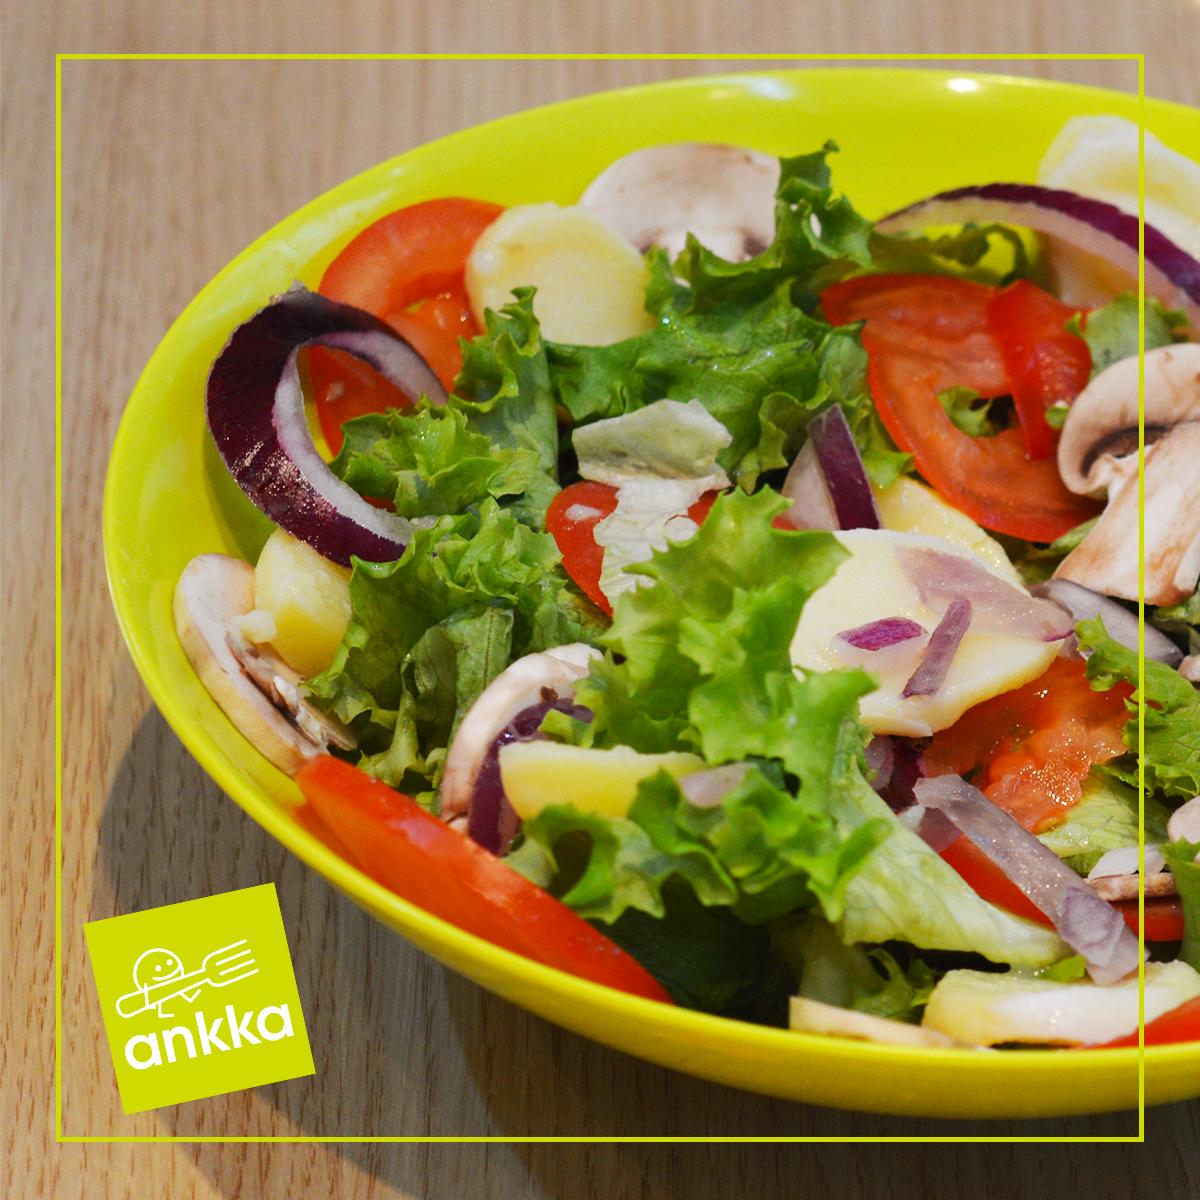 La salade du mois de novembre des ingr dients frais - Salade de champignons frais ...